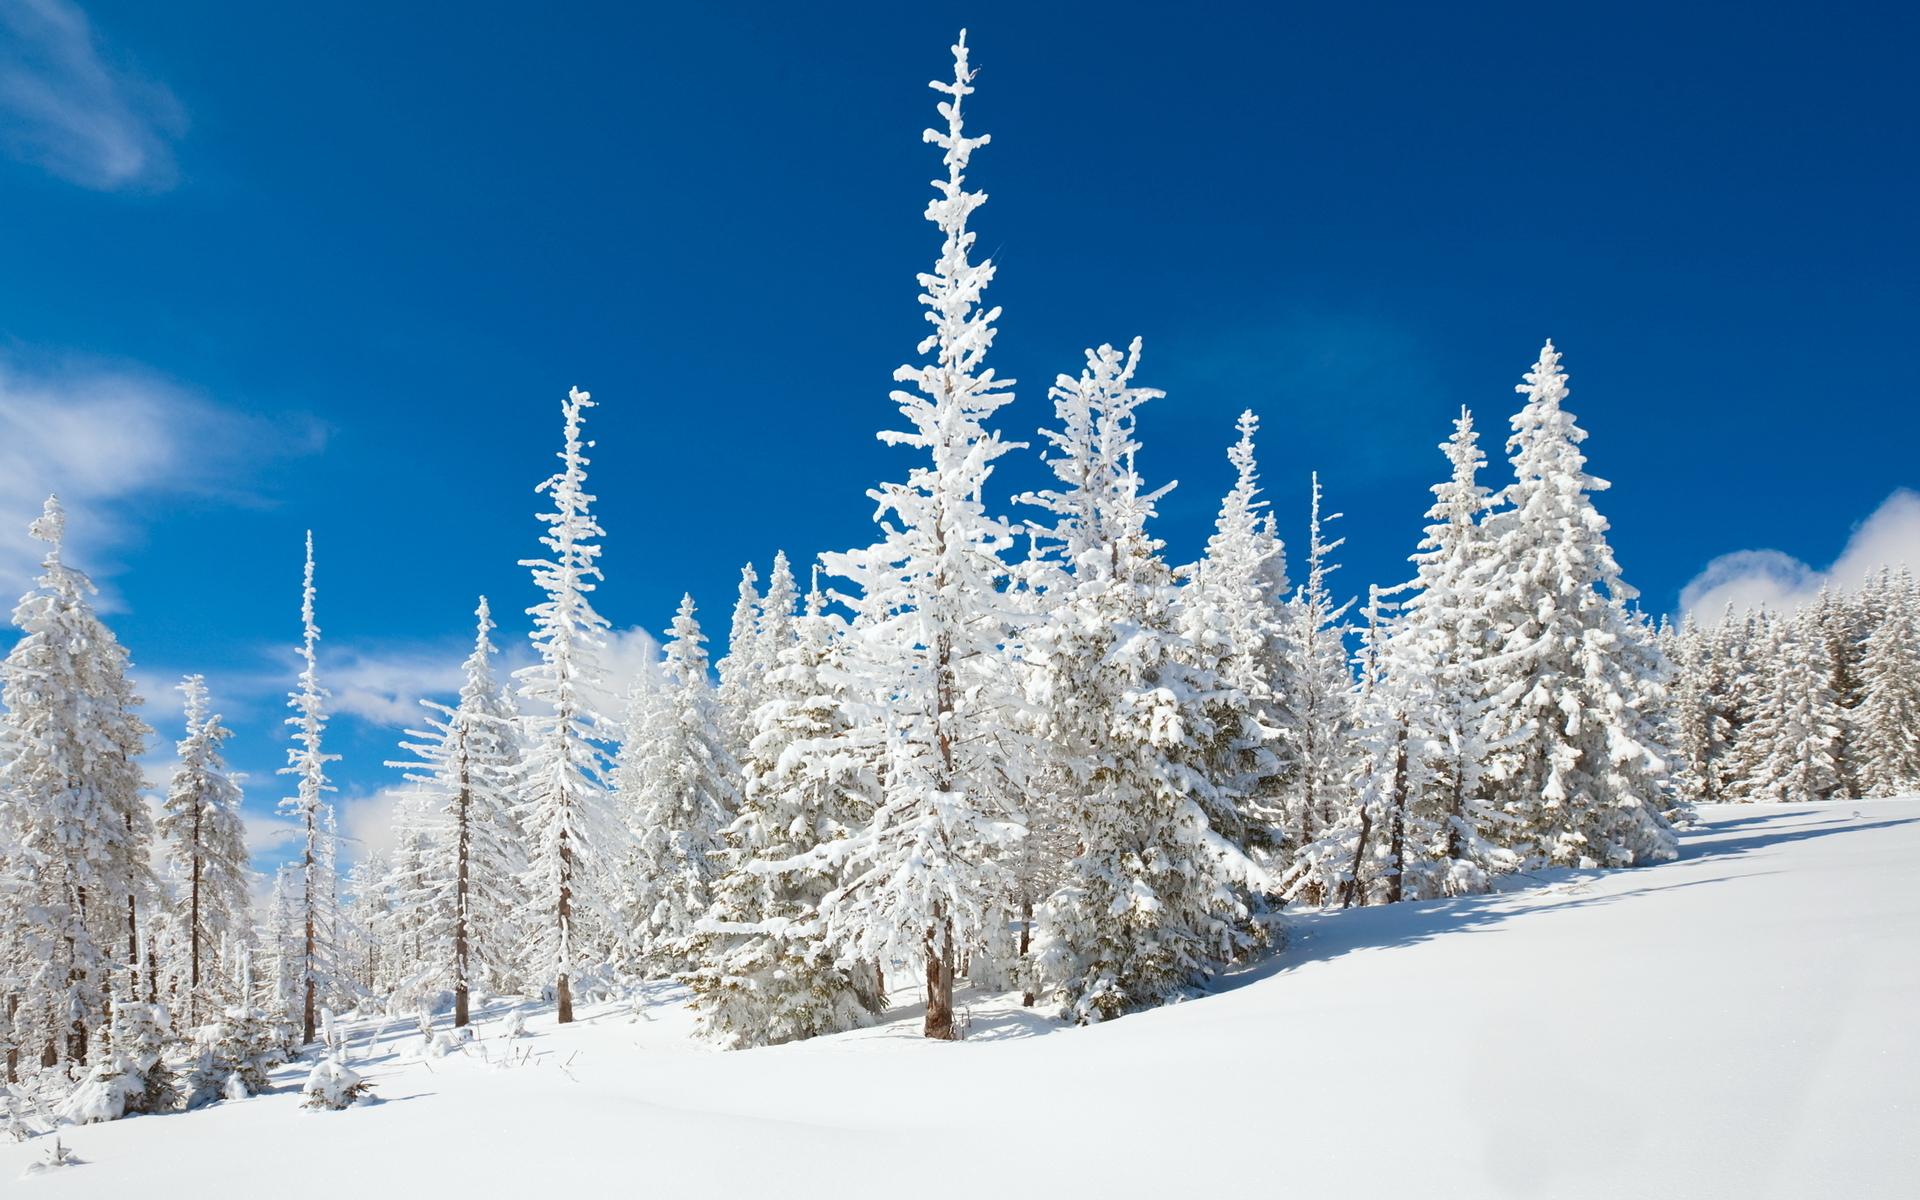 природа деревья ели зима снег небо  № 2803157  скачать